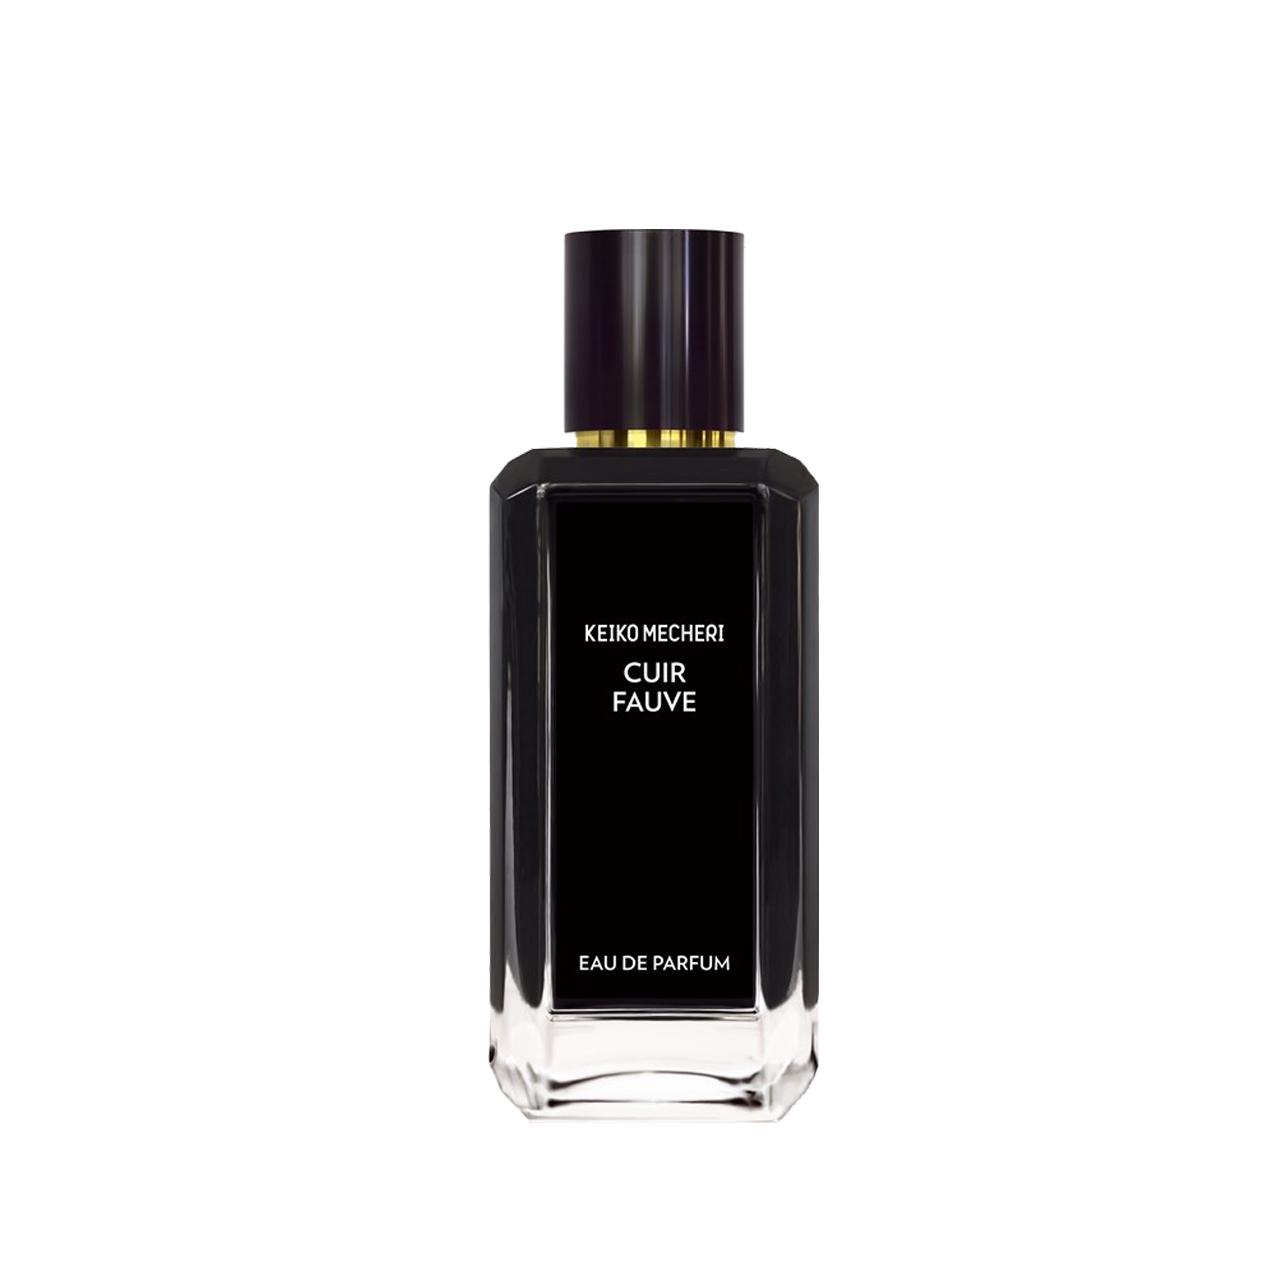 Cuir Fauve - Eau de Parfum